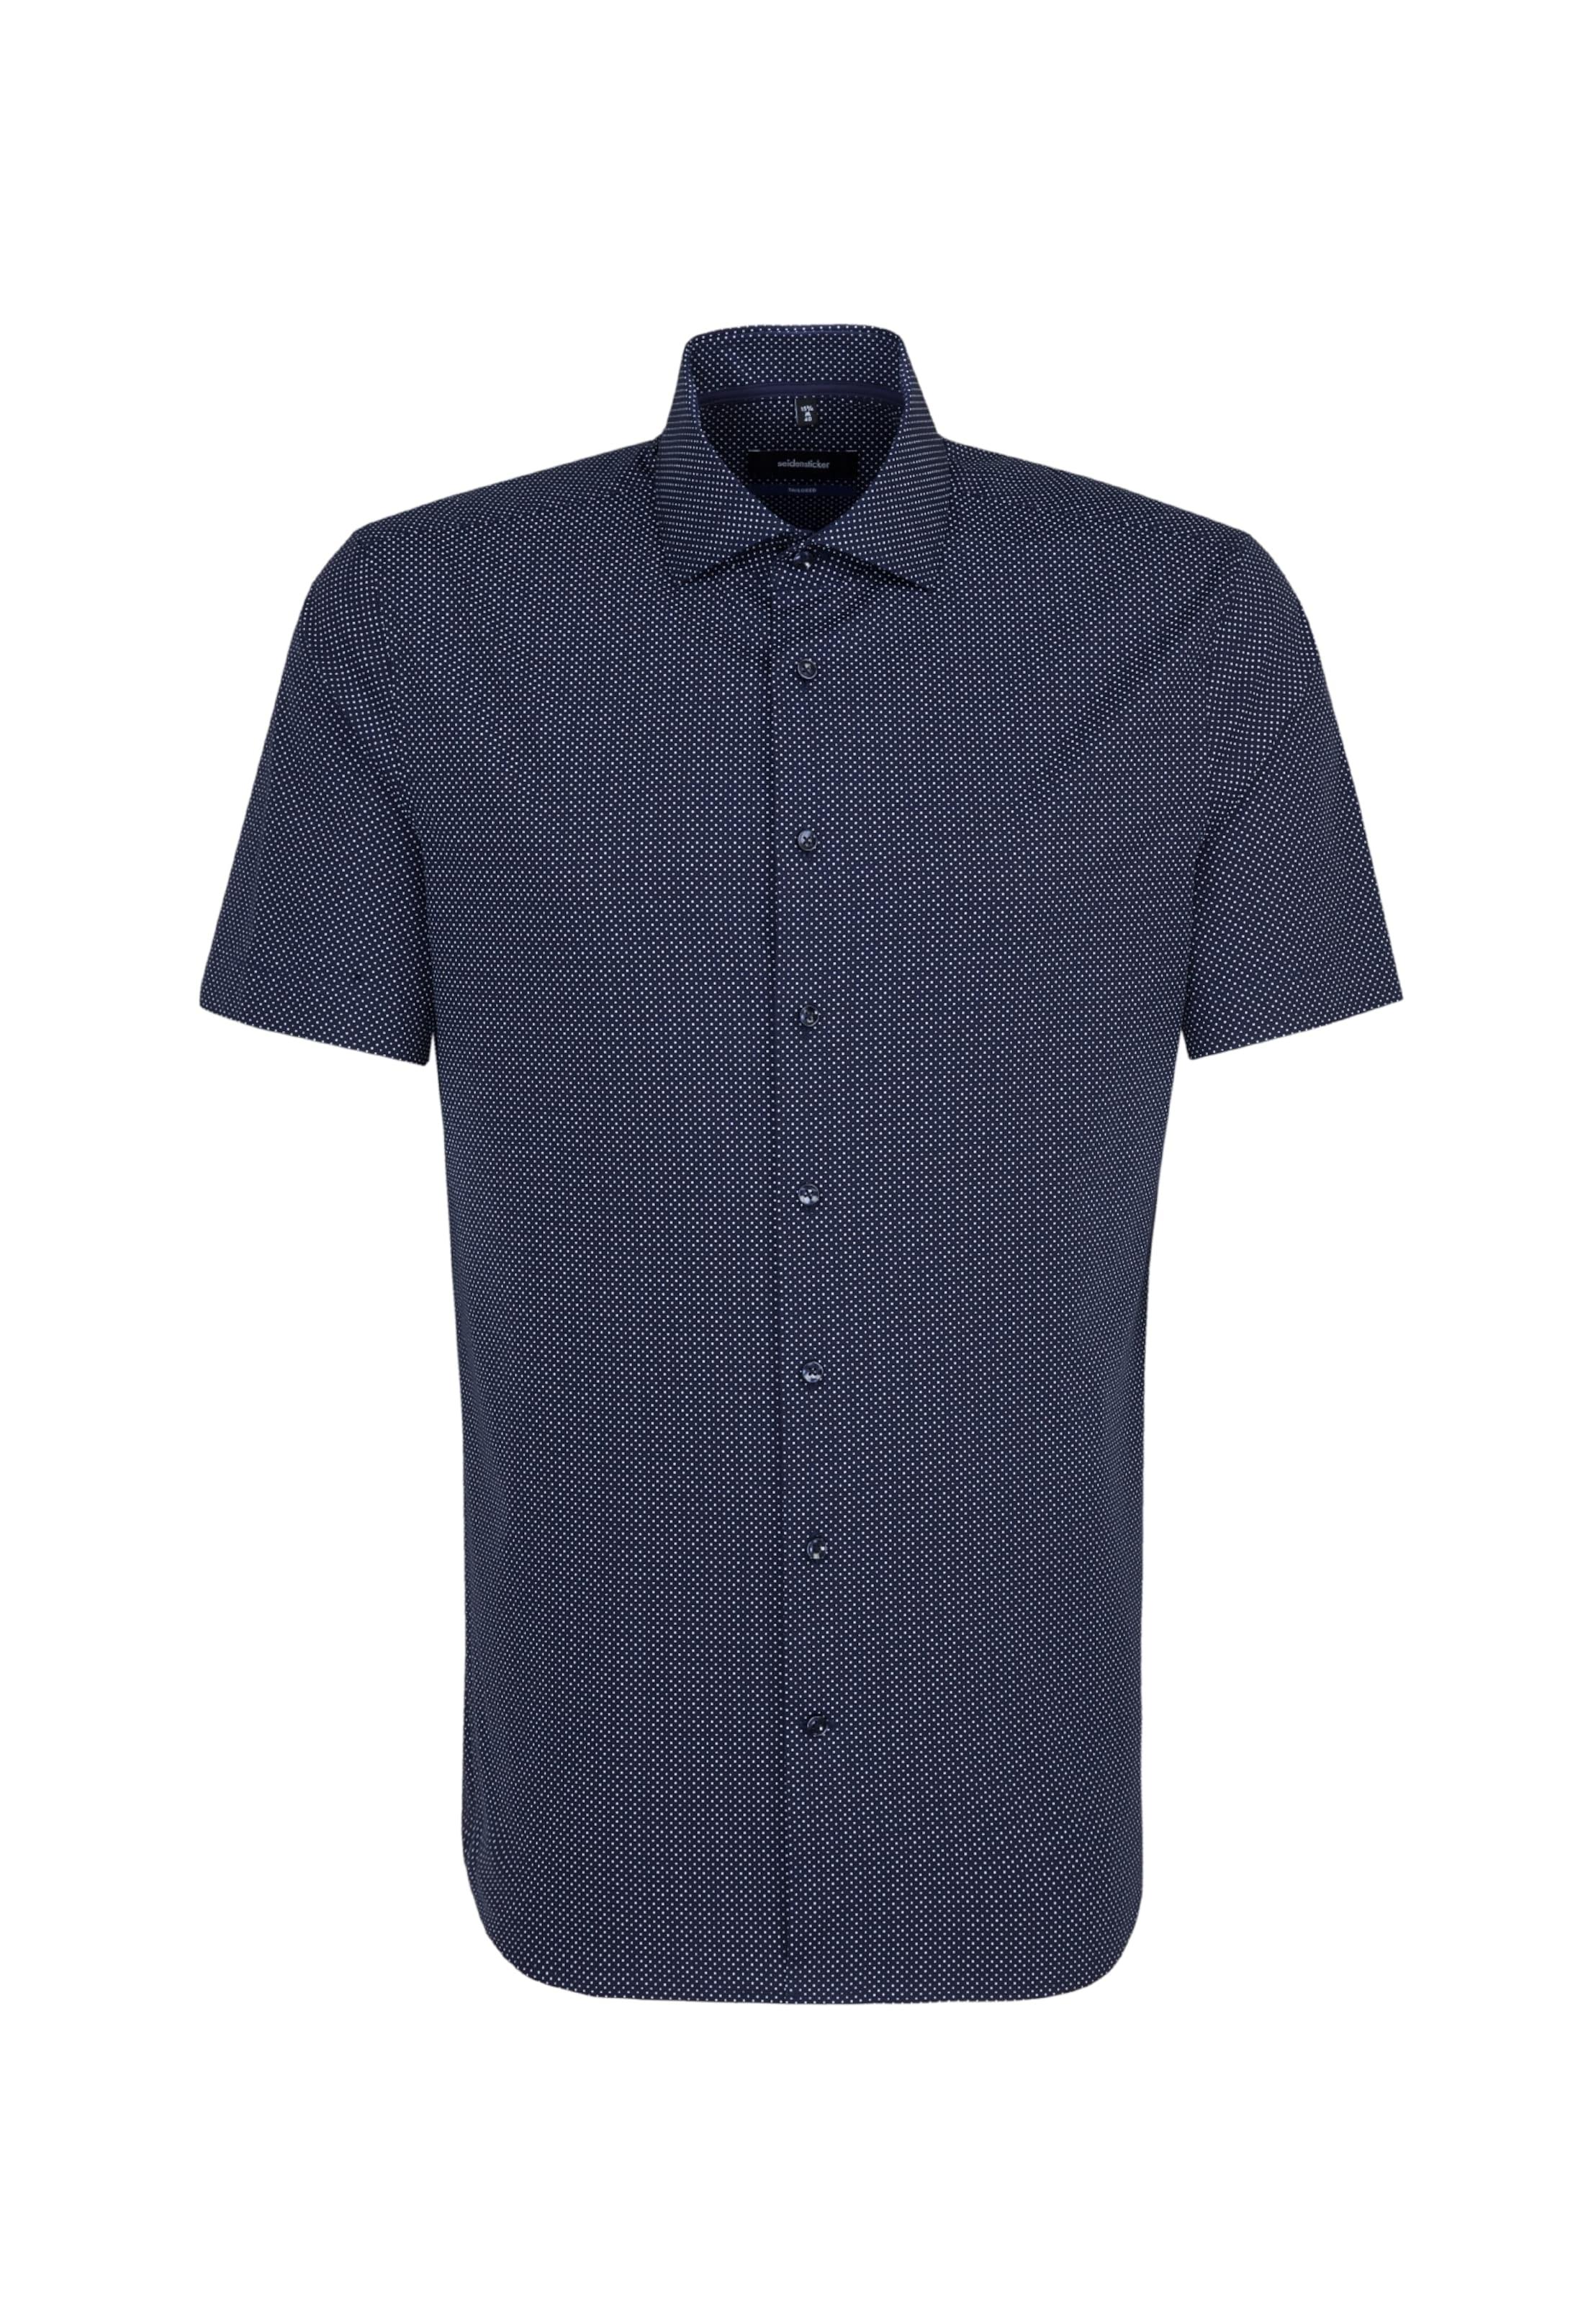 Seidensticker Blau In Hemd Seidensticker 'tailored' vN0m8nwOyP